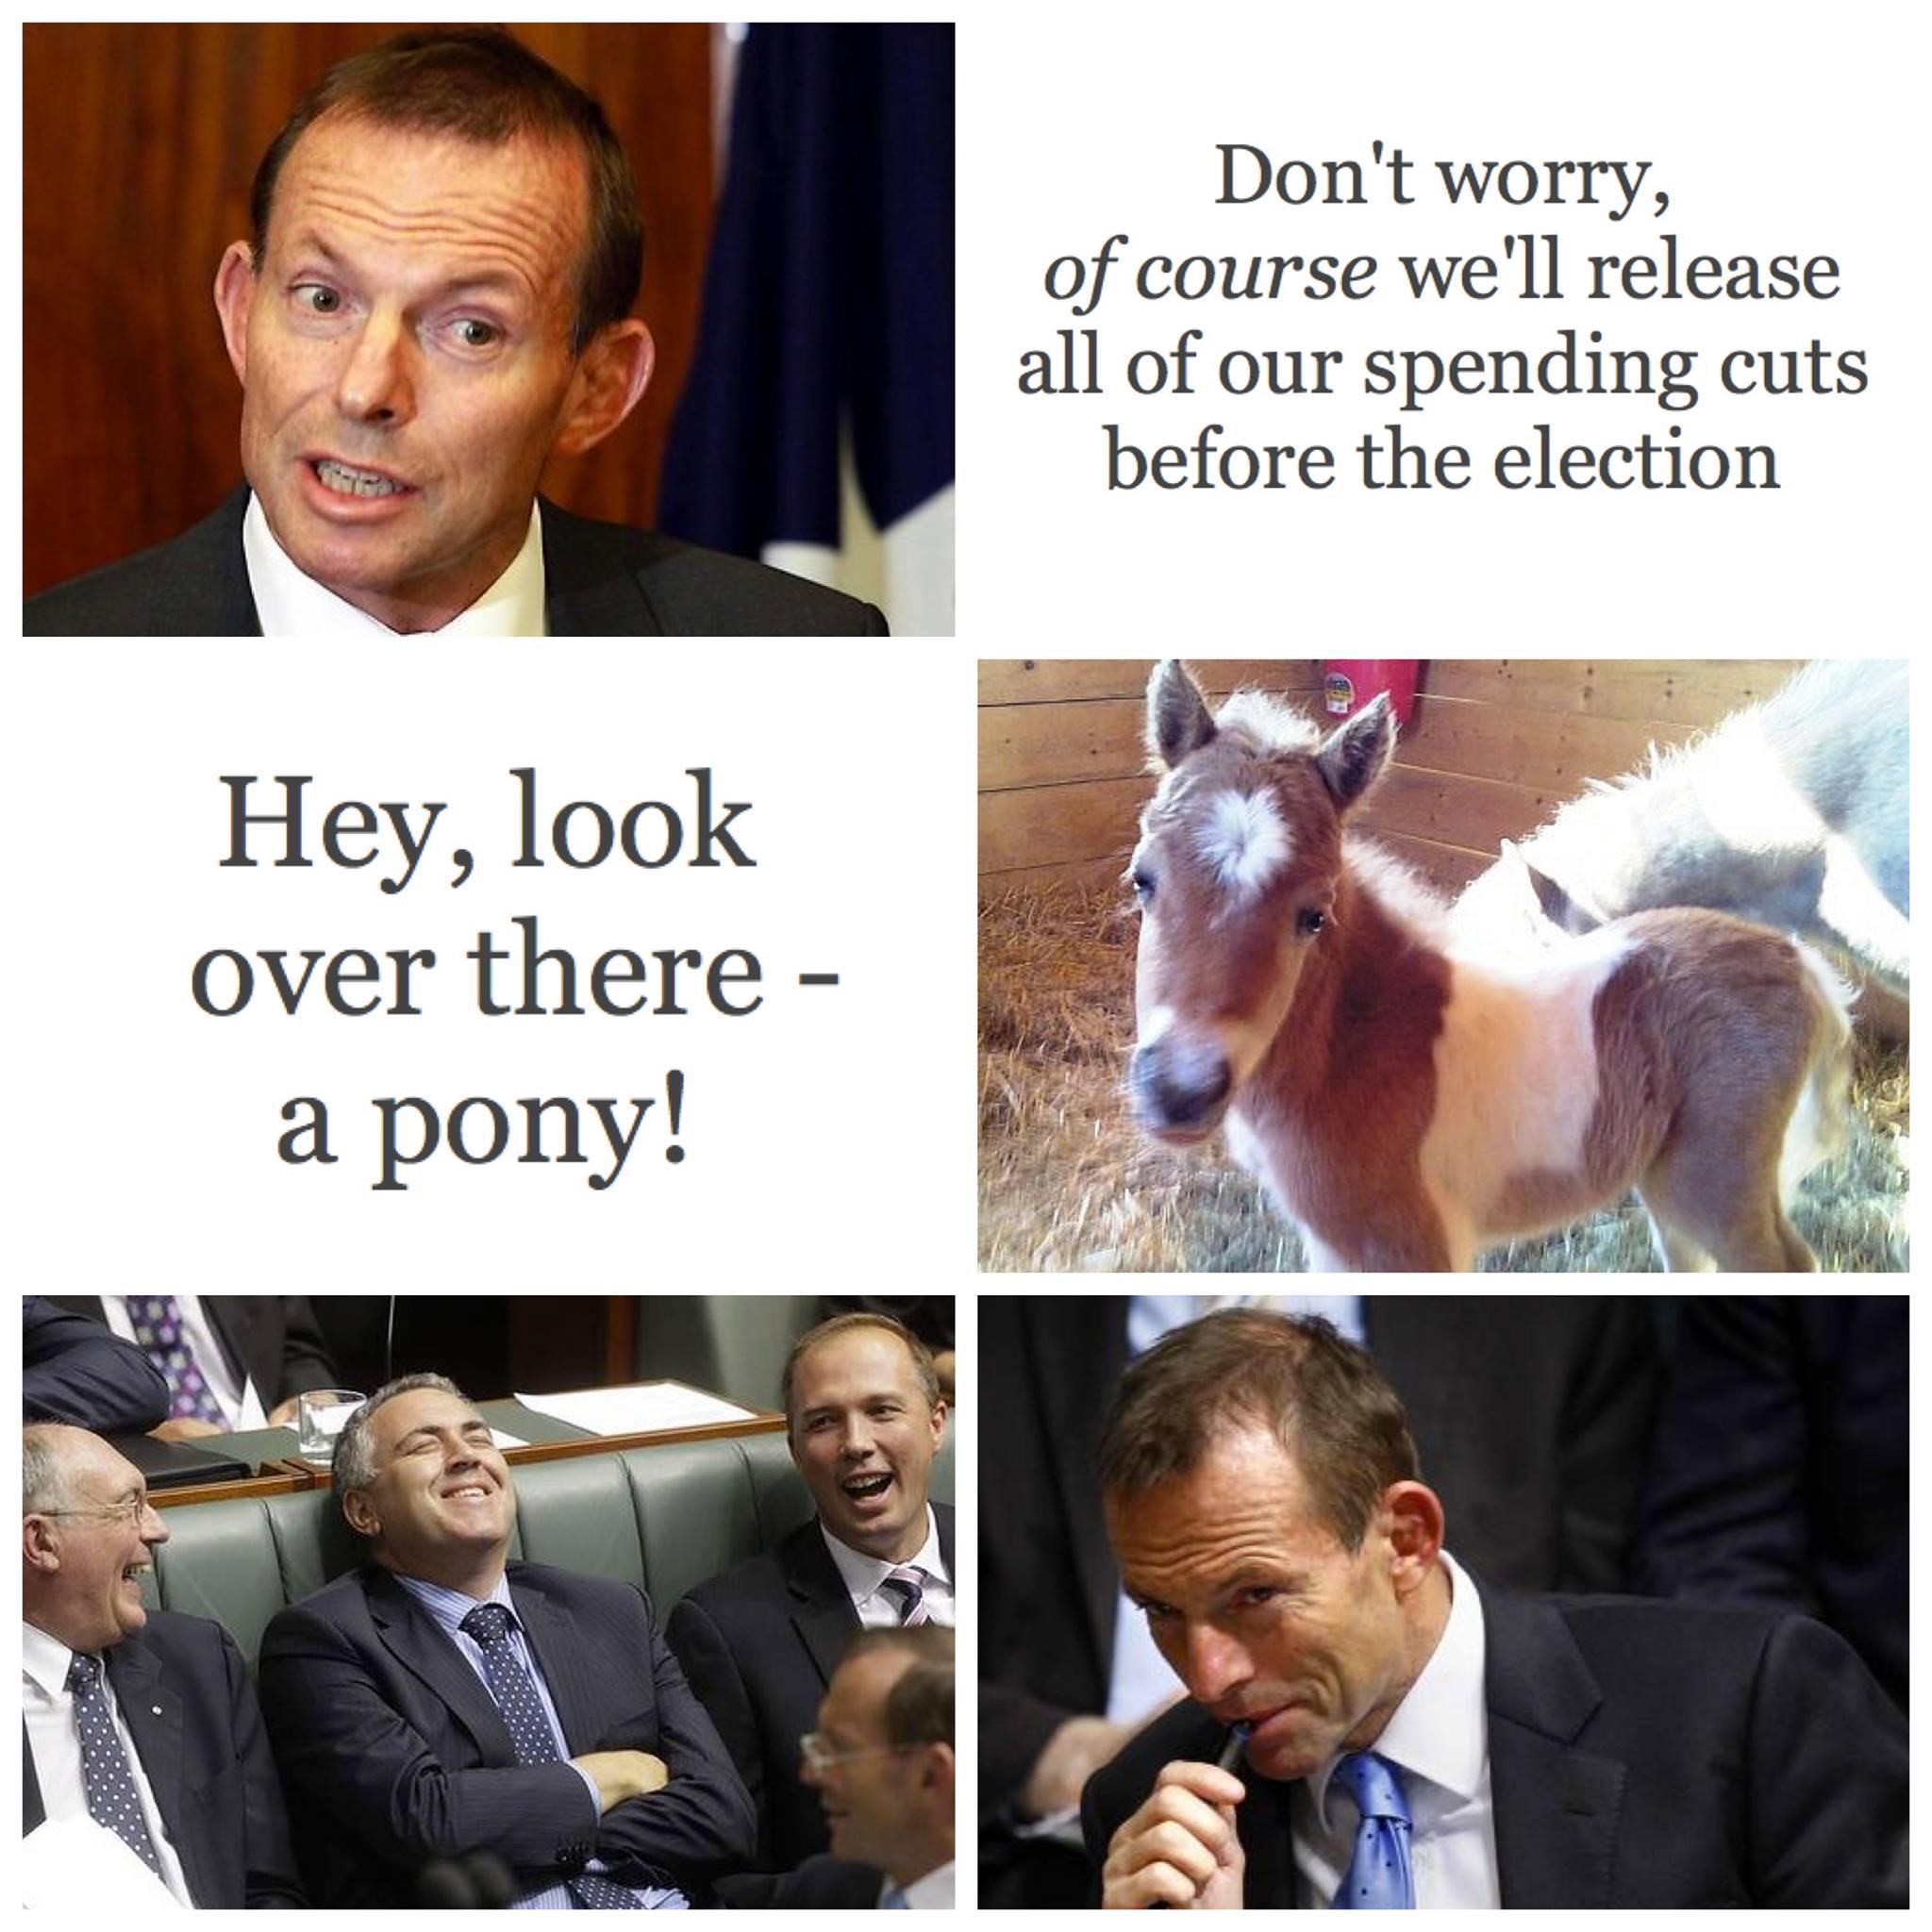 Tony and the Pony